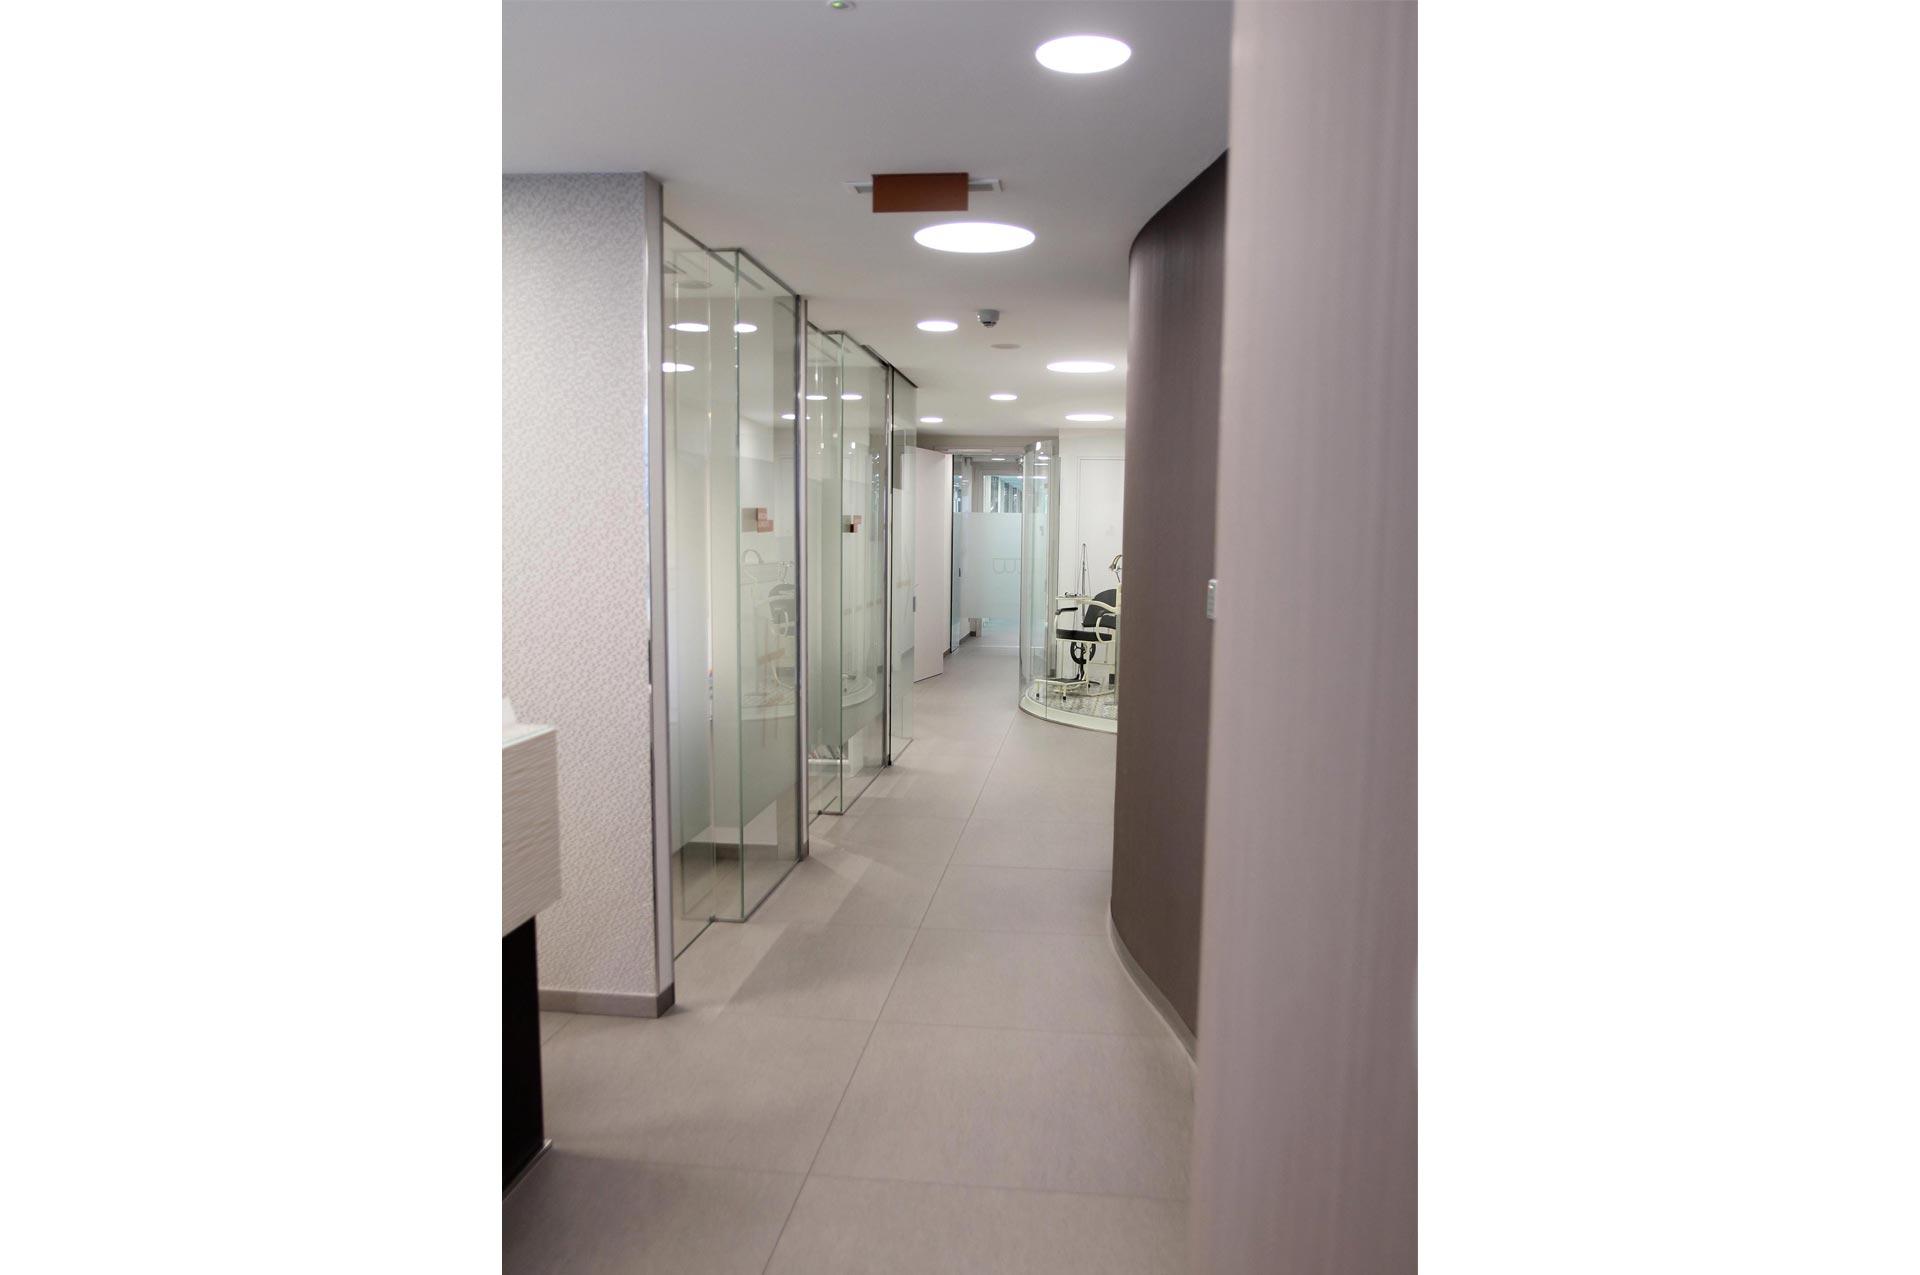 acceso a salas de espera clinica Blanco Ramos